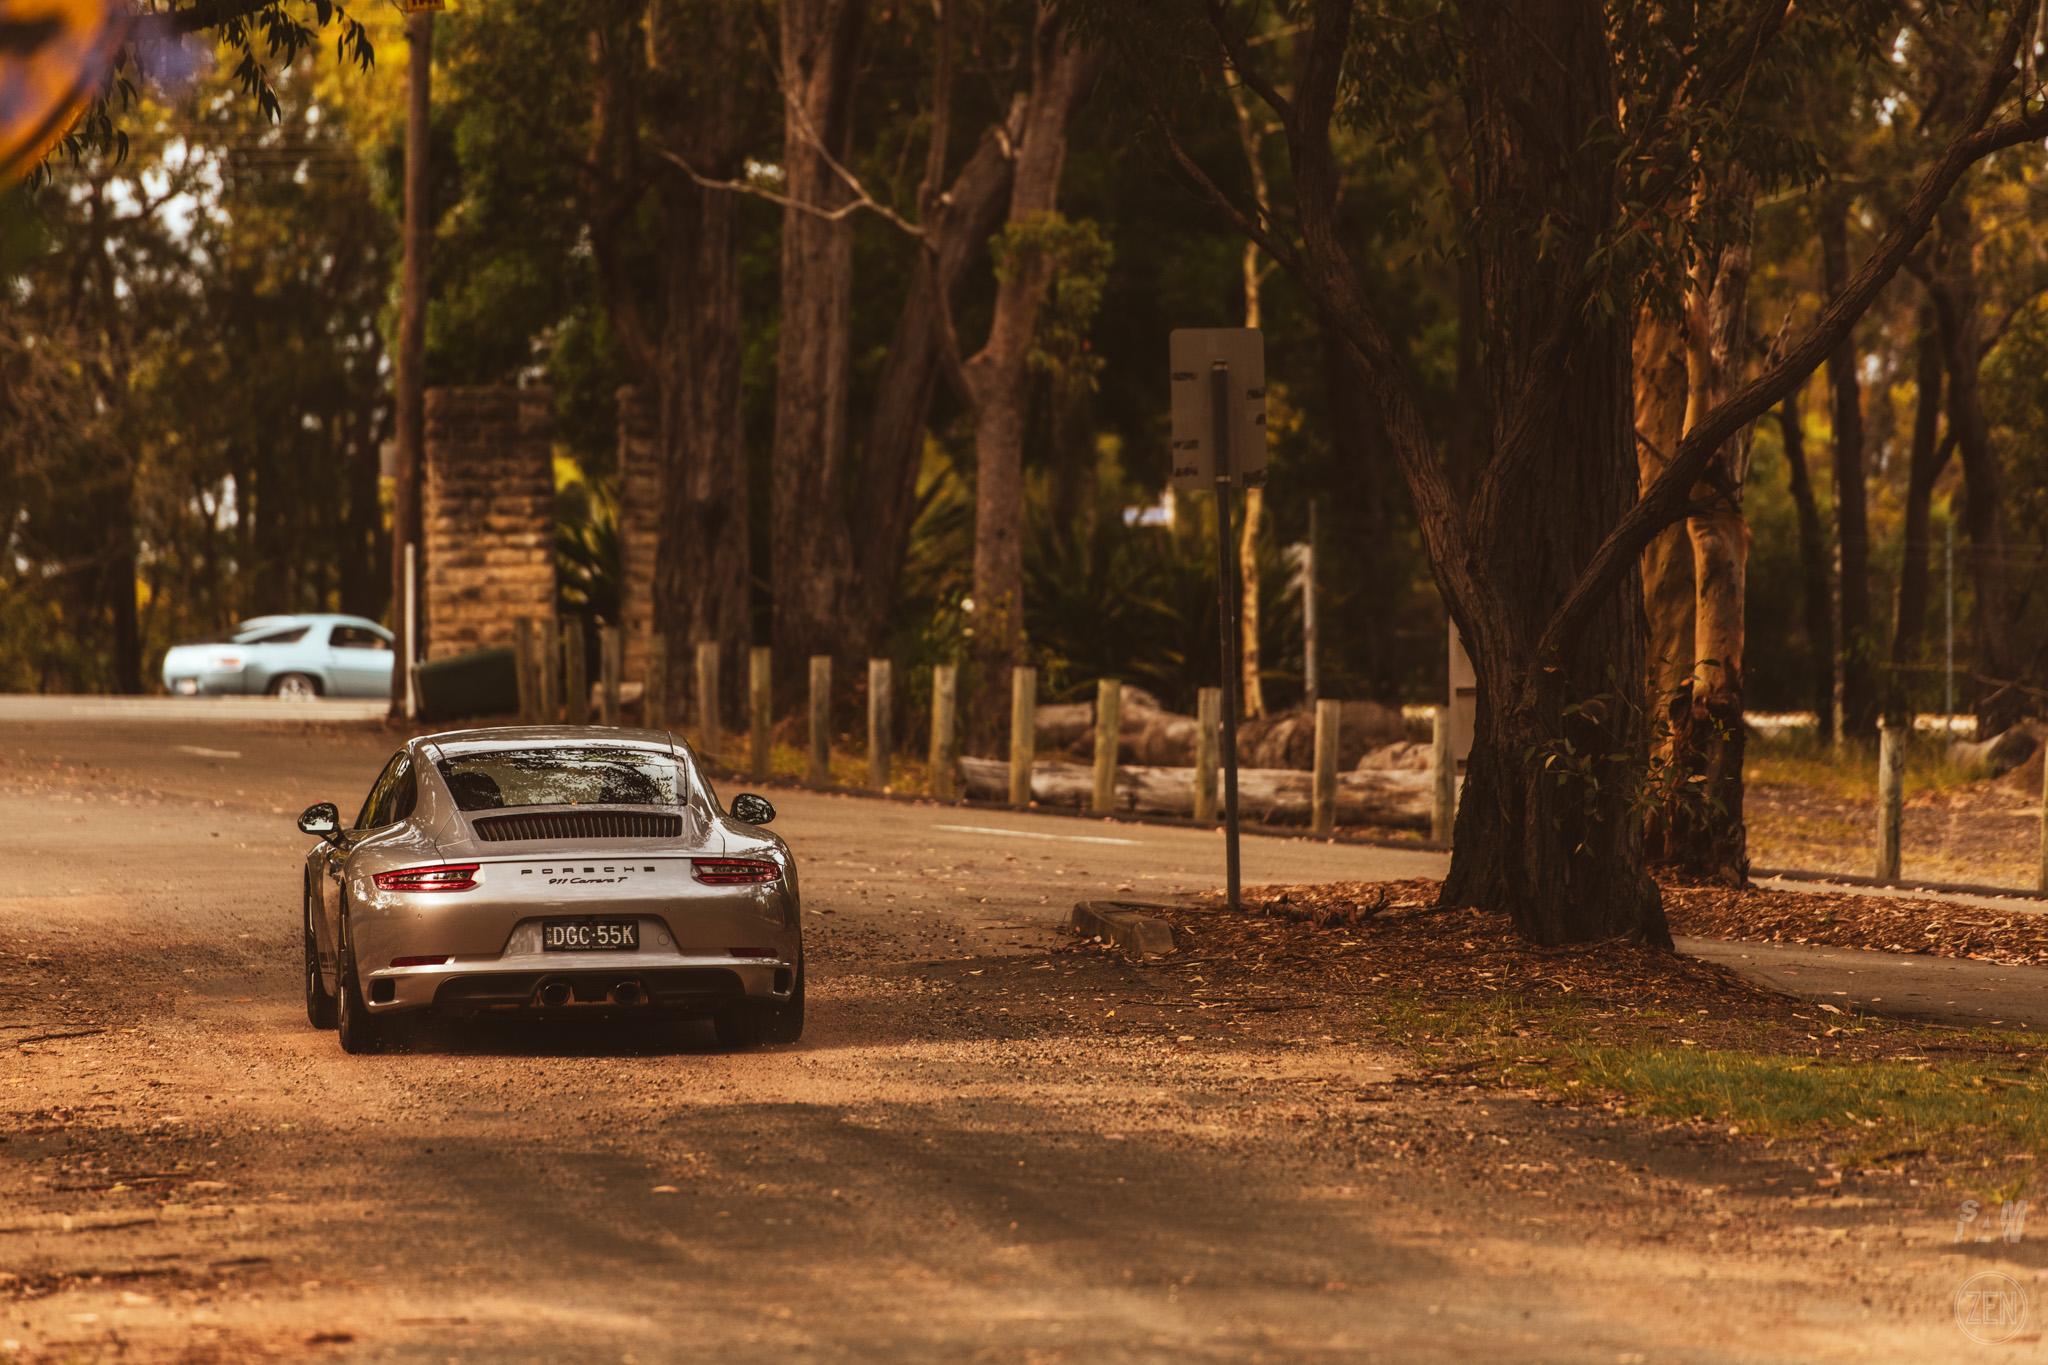 2019-12-08 - Porsches & Coffee 110